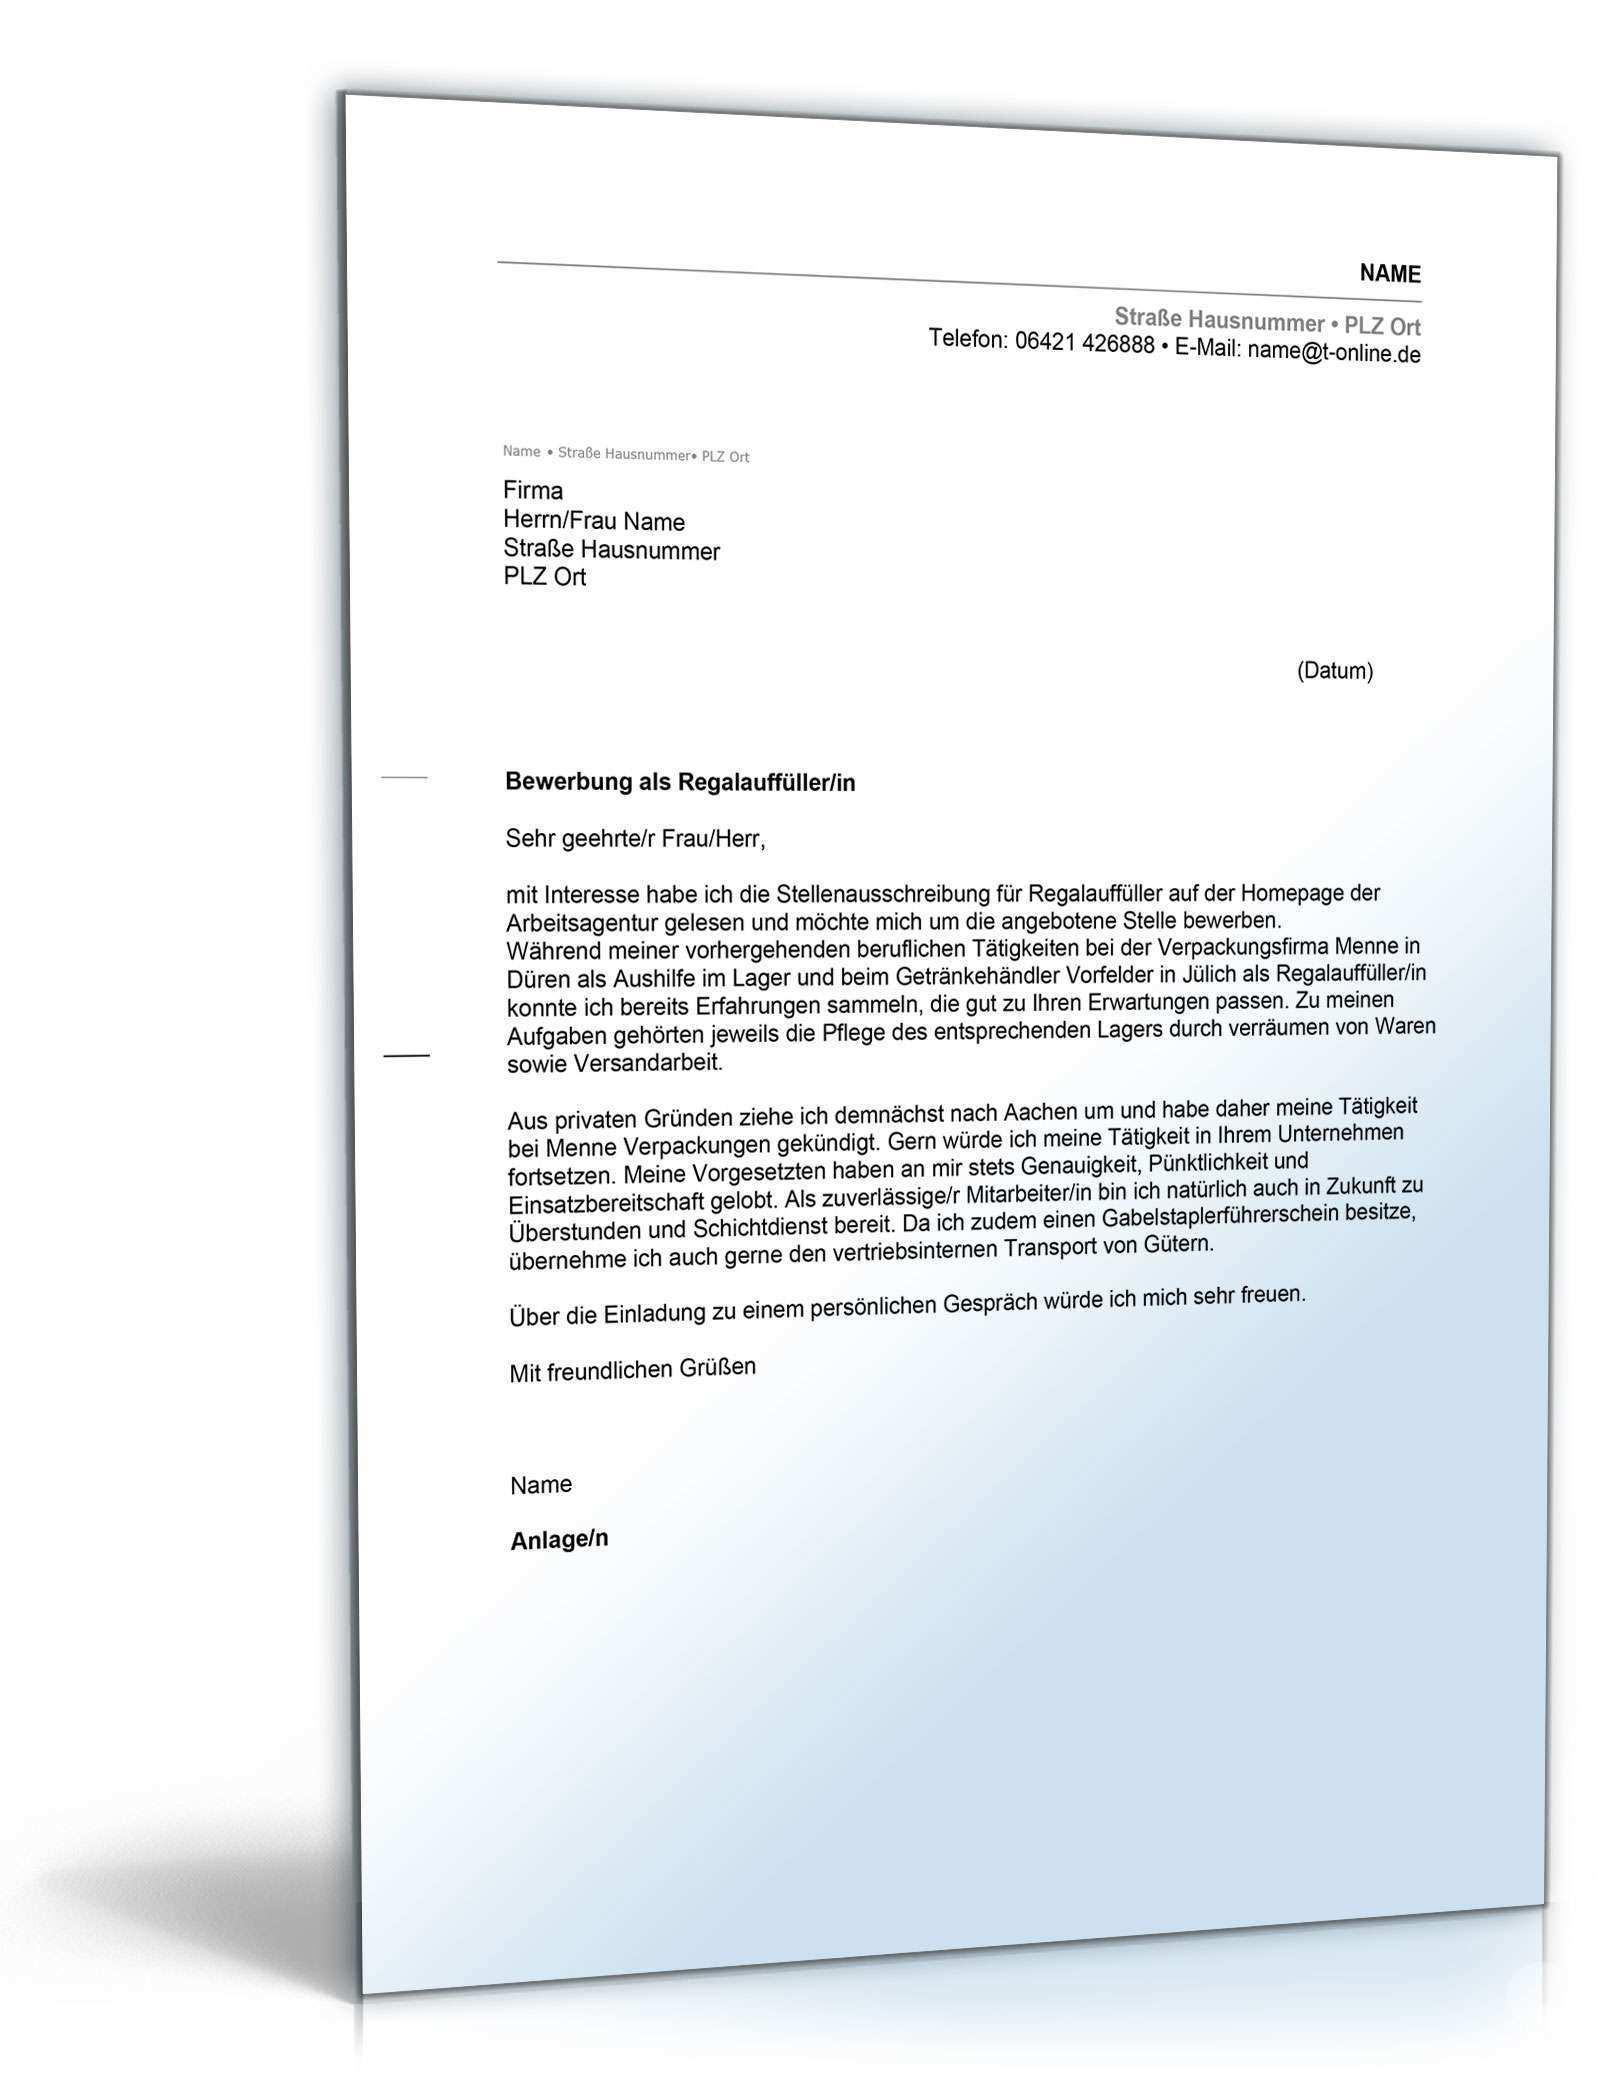 Anschreiben Bewerbung Regalauffuller Muster Zum Download